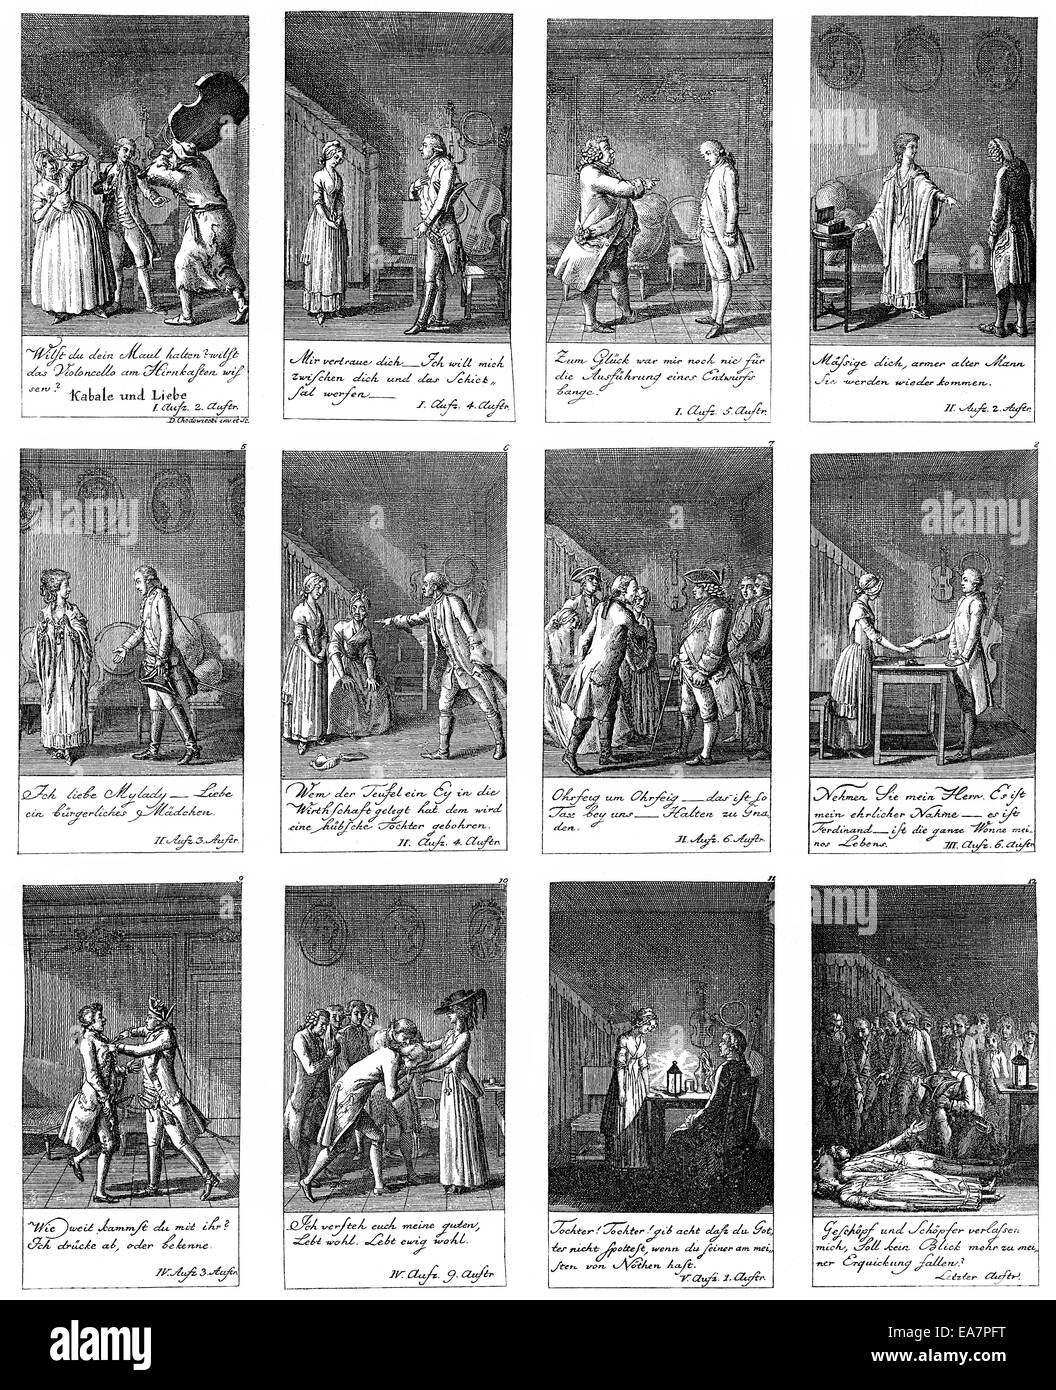 Illustrationen von Kabale Und Liebe, Liebe und Intrigen, 1786 Johann Christoph Friedrich von Schiller, Historische Stockbild